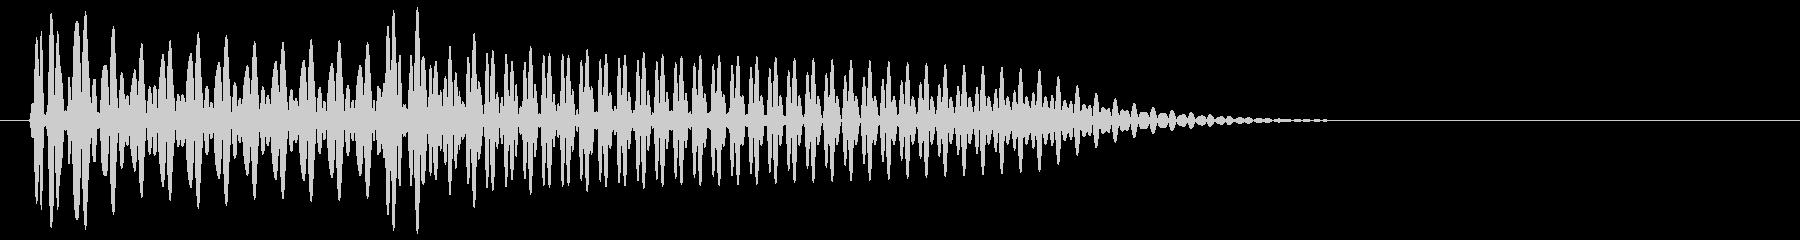 フコン(ボタン音、プッシュ音、クリック)の未再生の波形